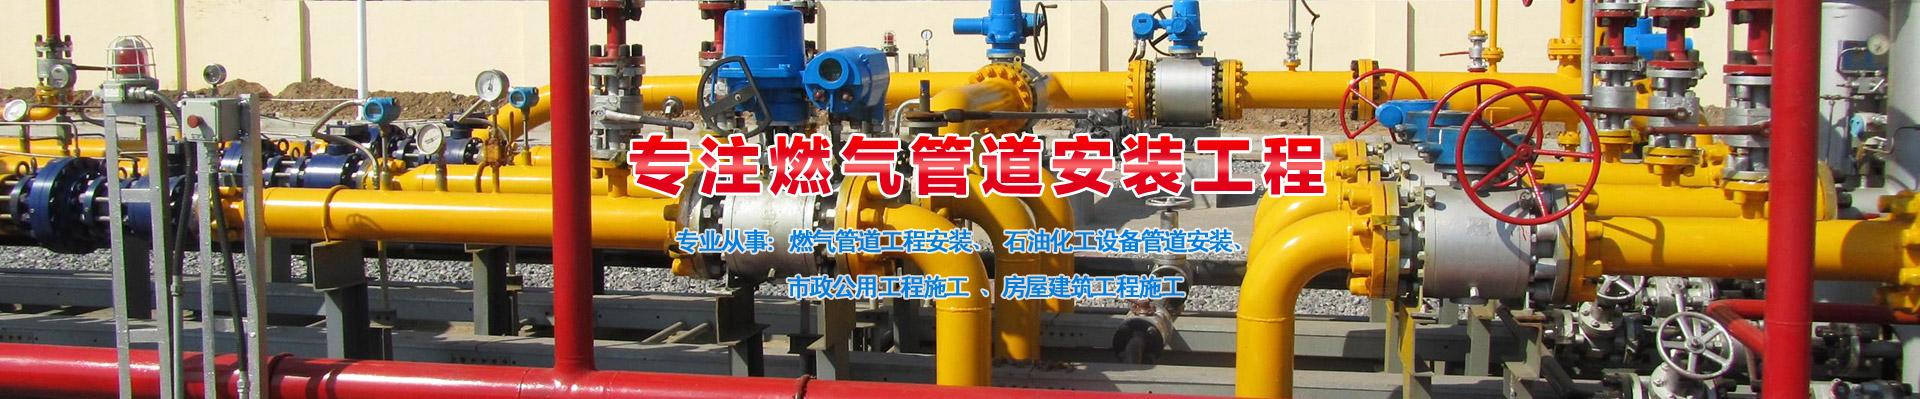 化工石油设备管道安装工程